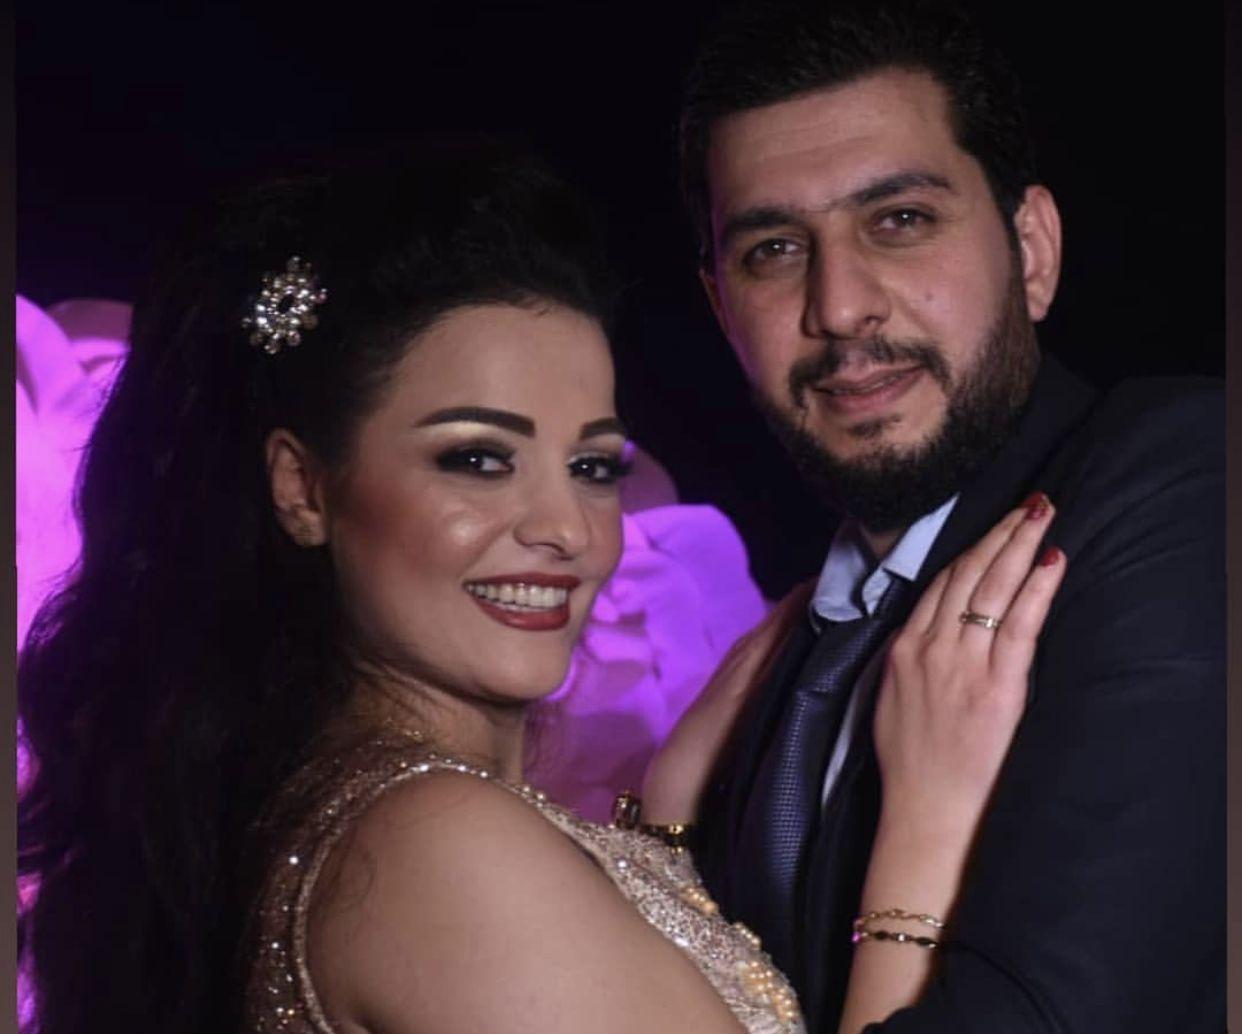 زواج الممثلة السورية - صورة